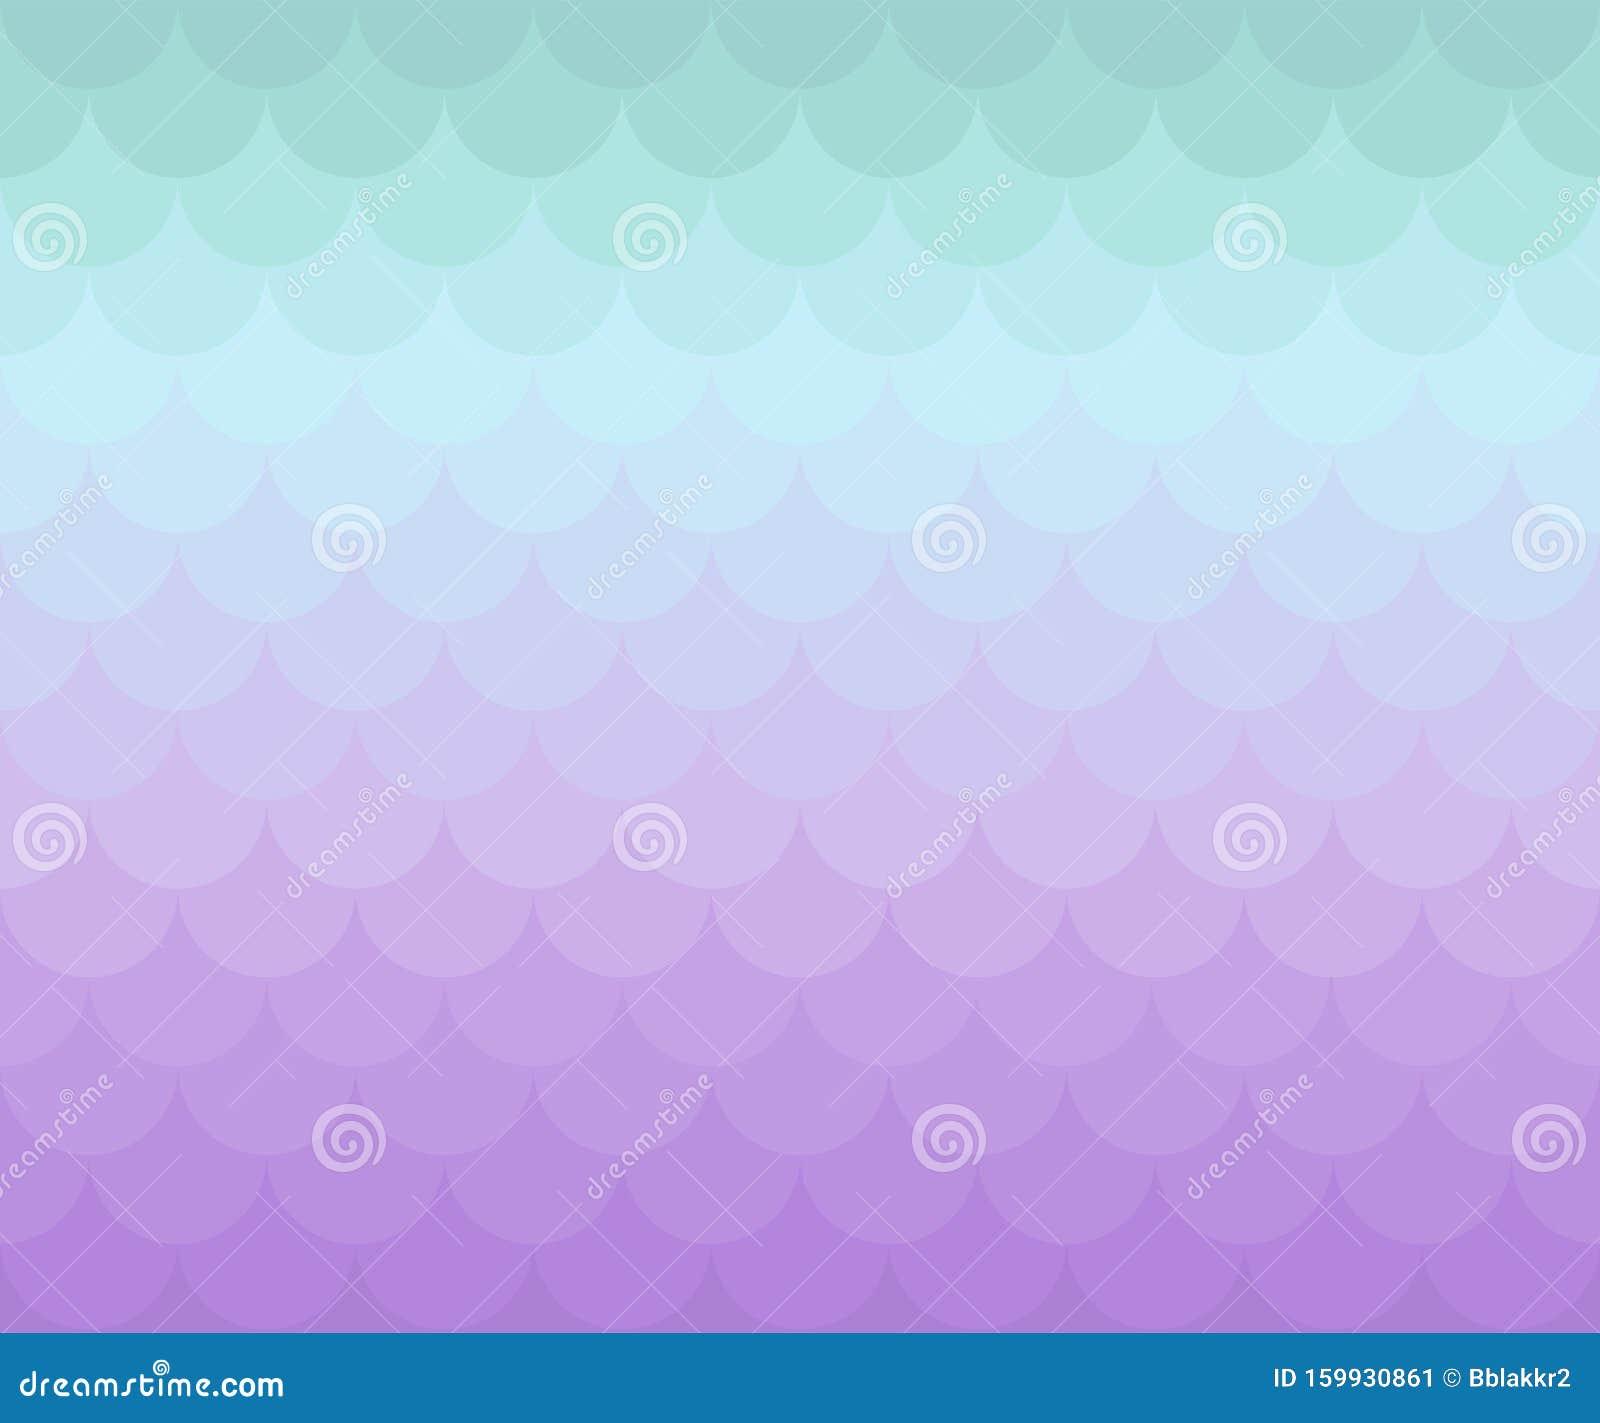 Purple Mermaid Stock Illustrations 3 341 Purple Mermaid Stock Illustrations Vectors Clipart Dreamstime